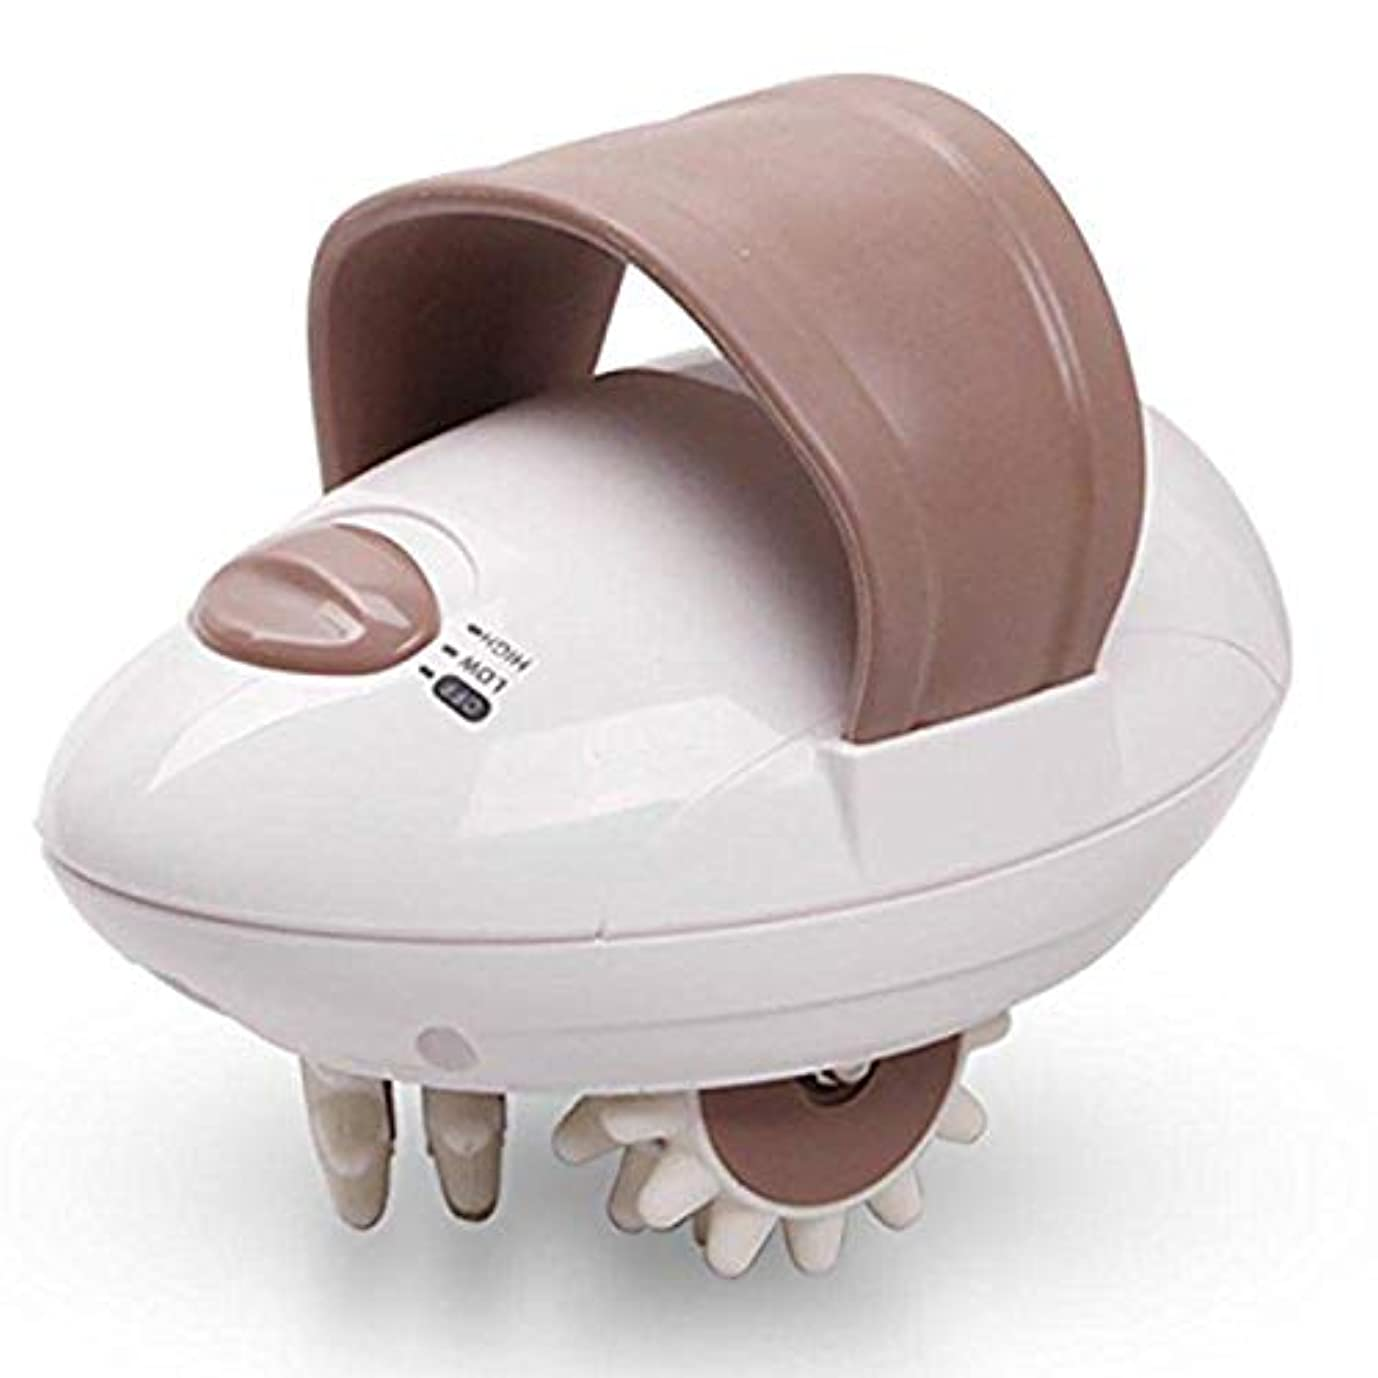 クール療法鉄3D Electric Full Body Slimming Massager Roller Cellulite Massaging Smarter Device Weight Loss Fat Burning Relieve...